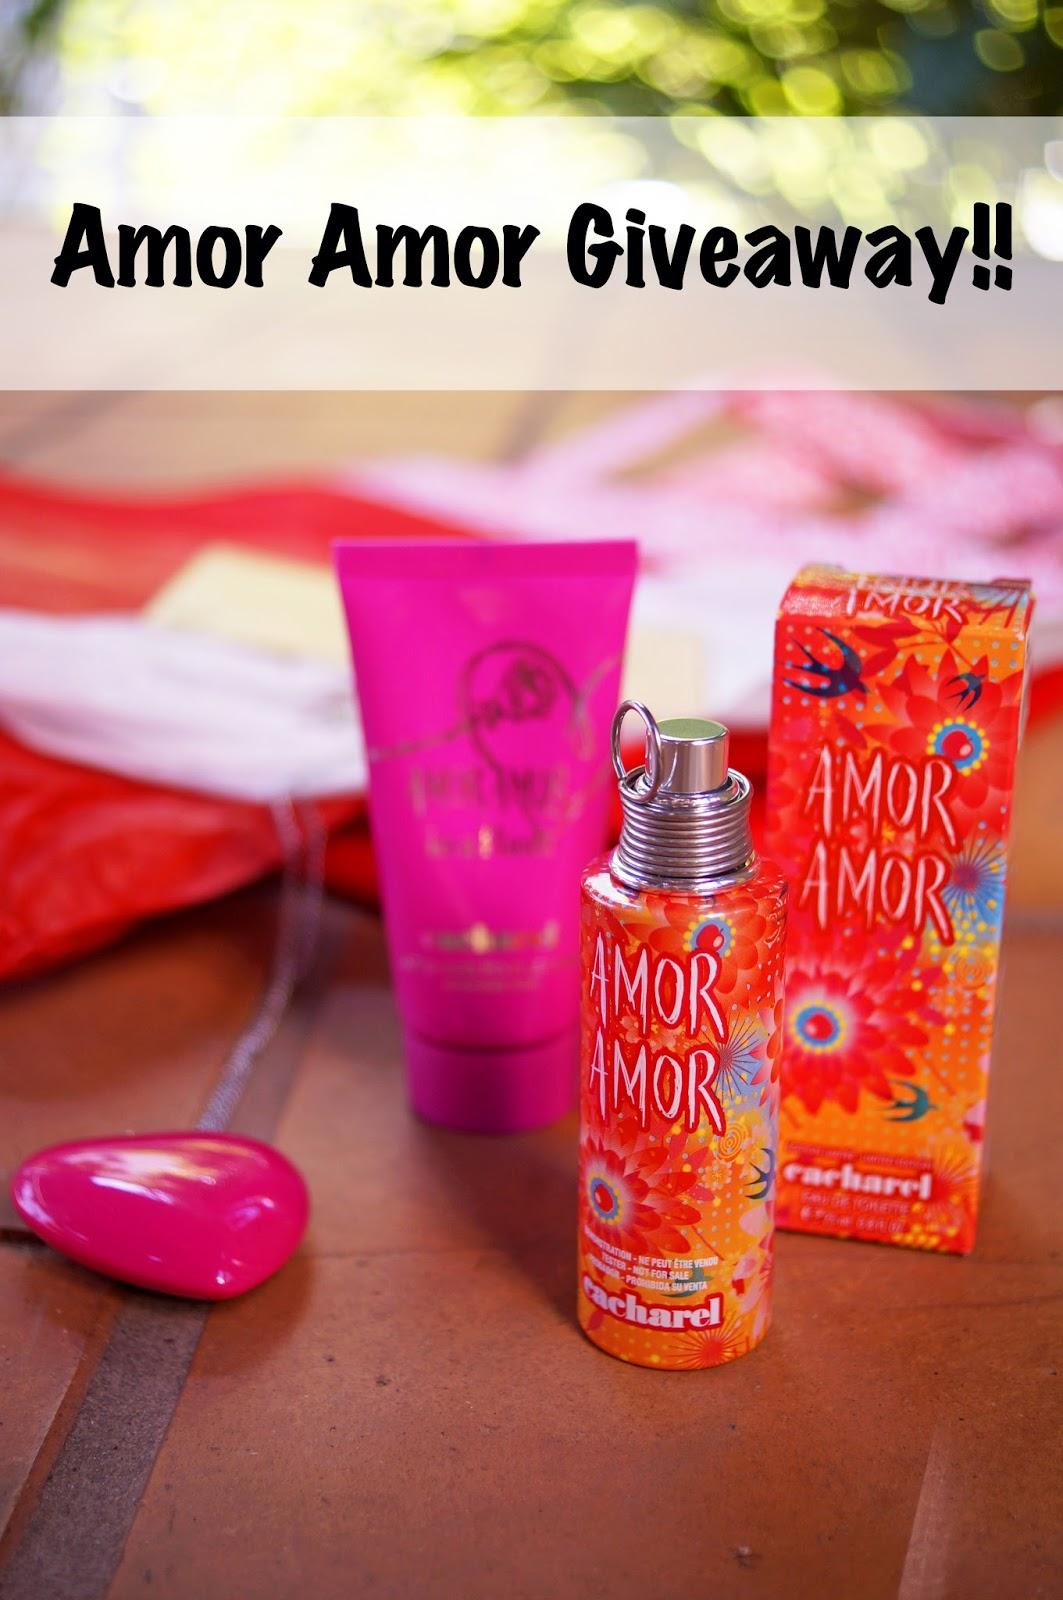 Amor Amor Perfume Giveaway